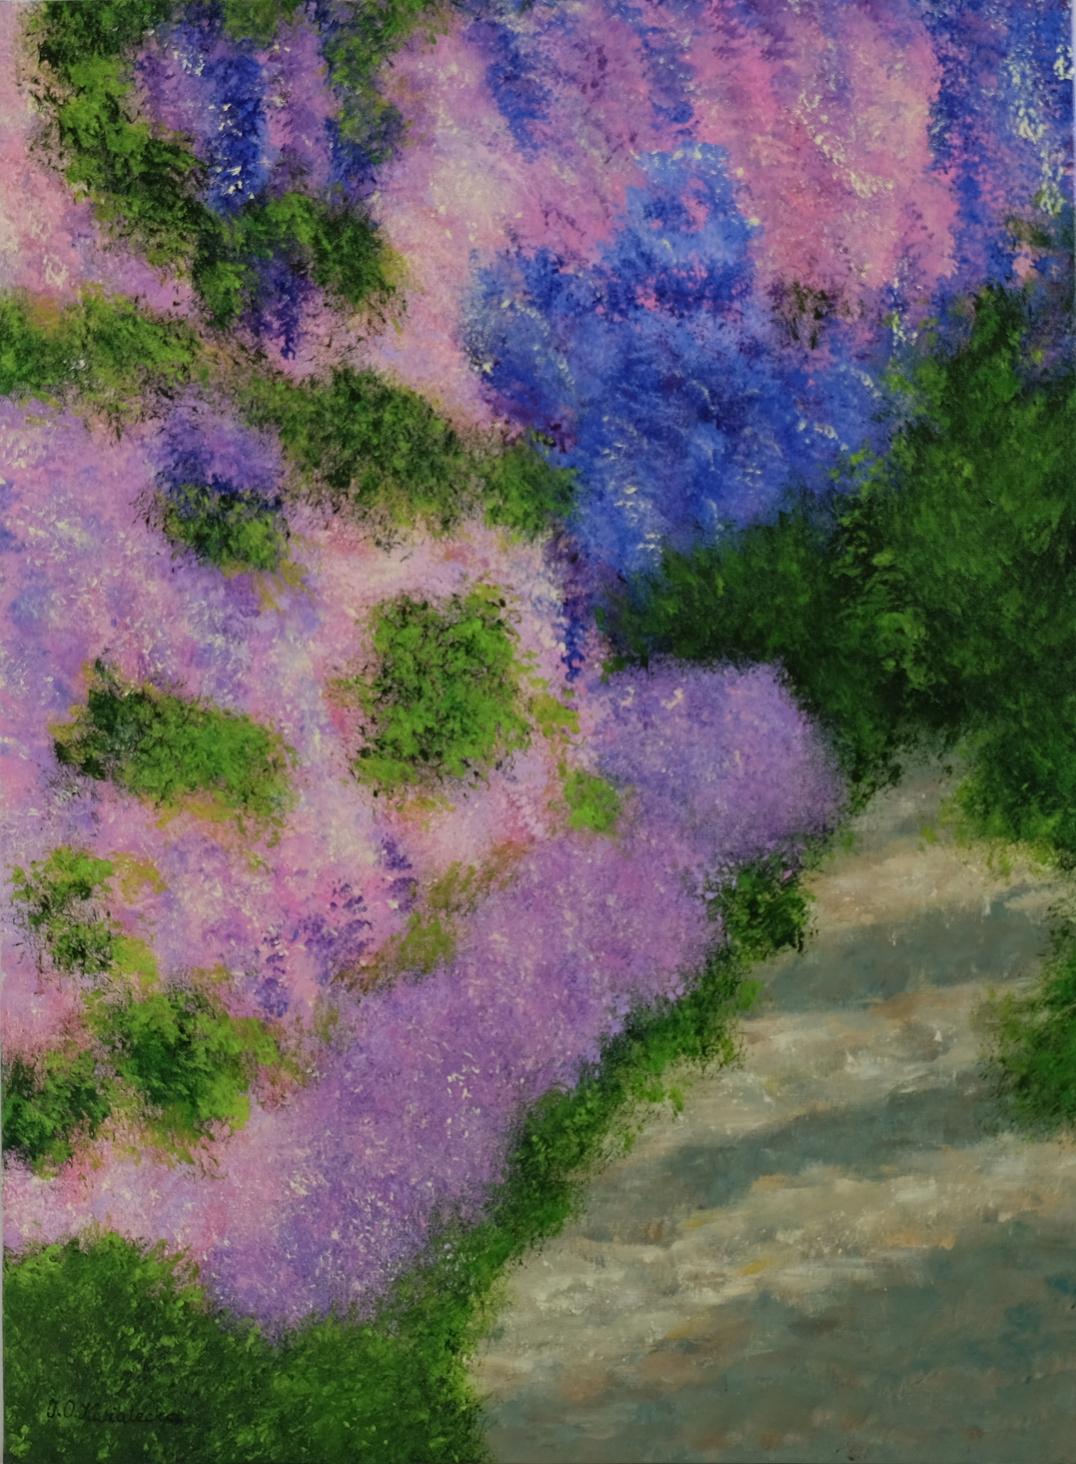 Obraz W moim ogrodzie, akryl na płótnie.